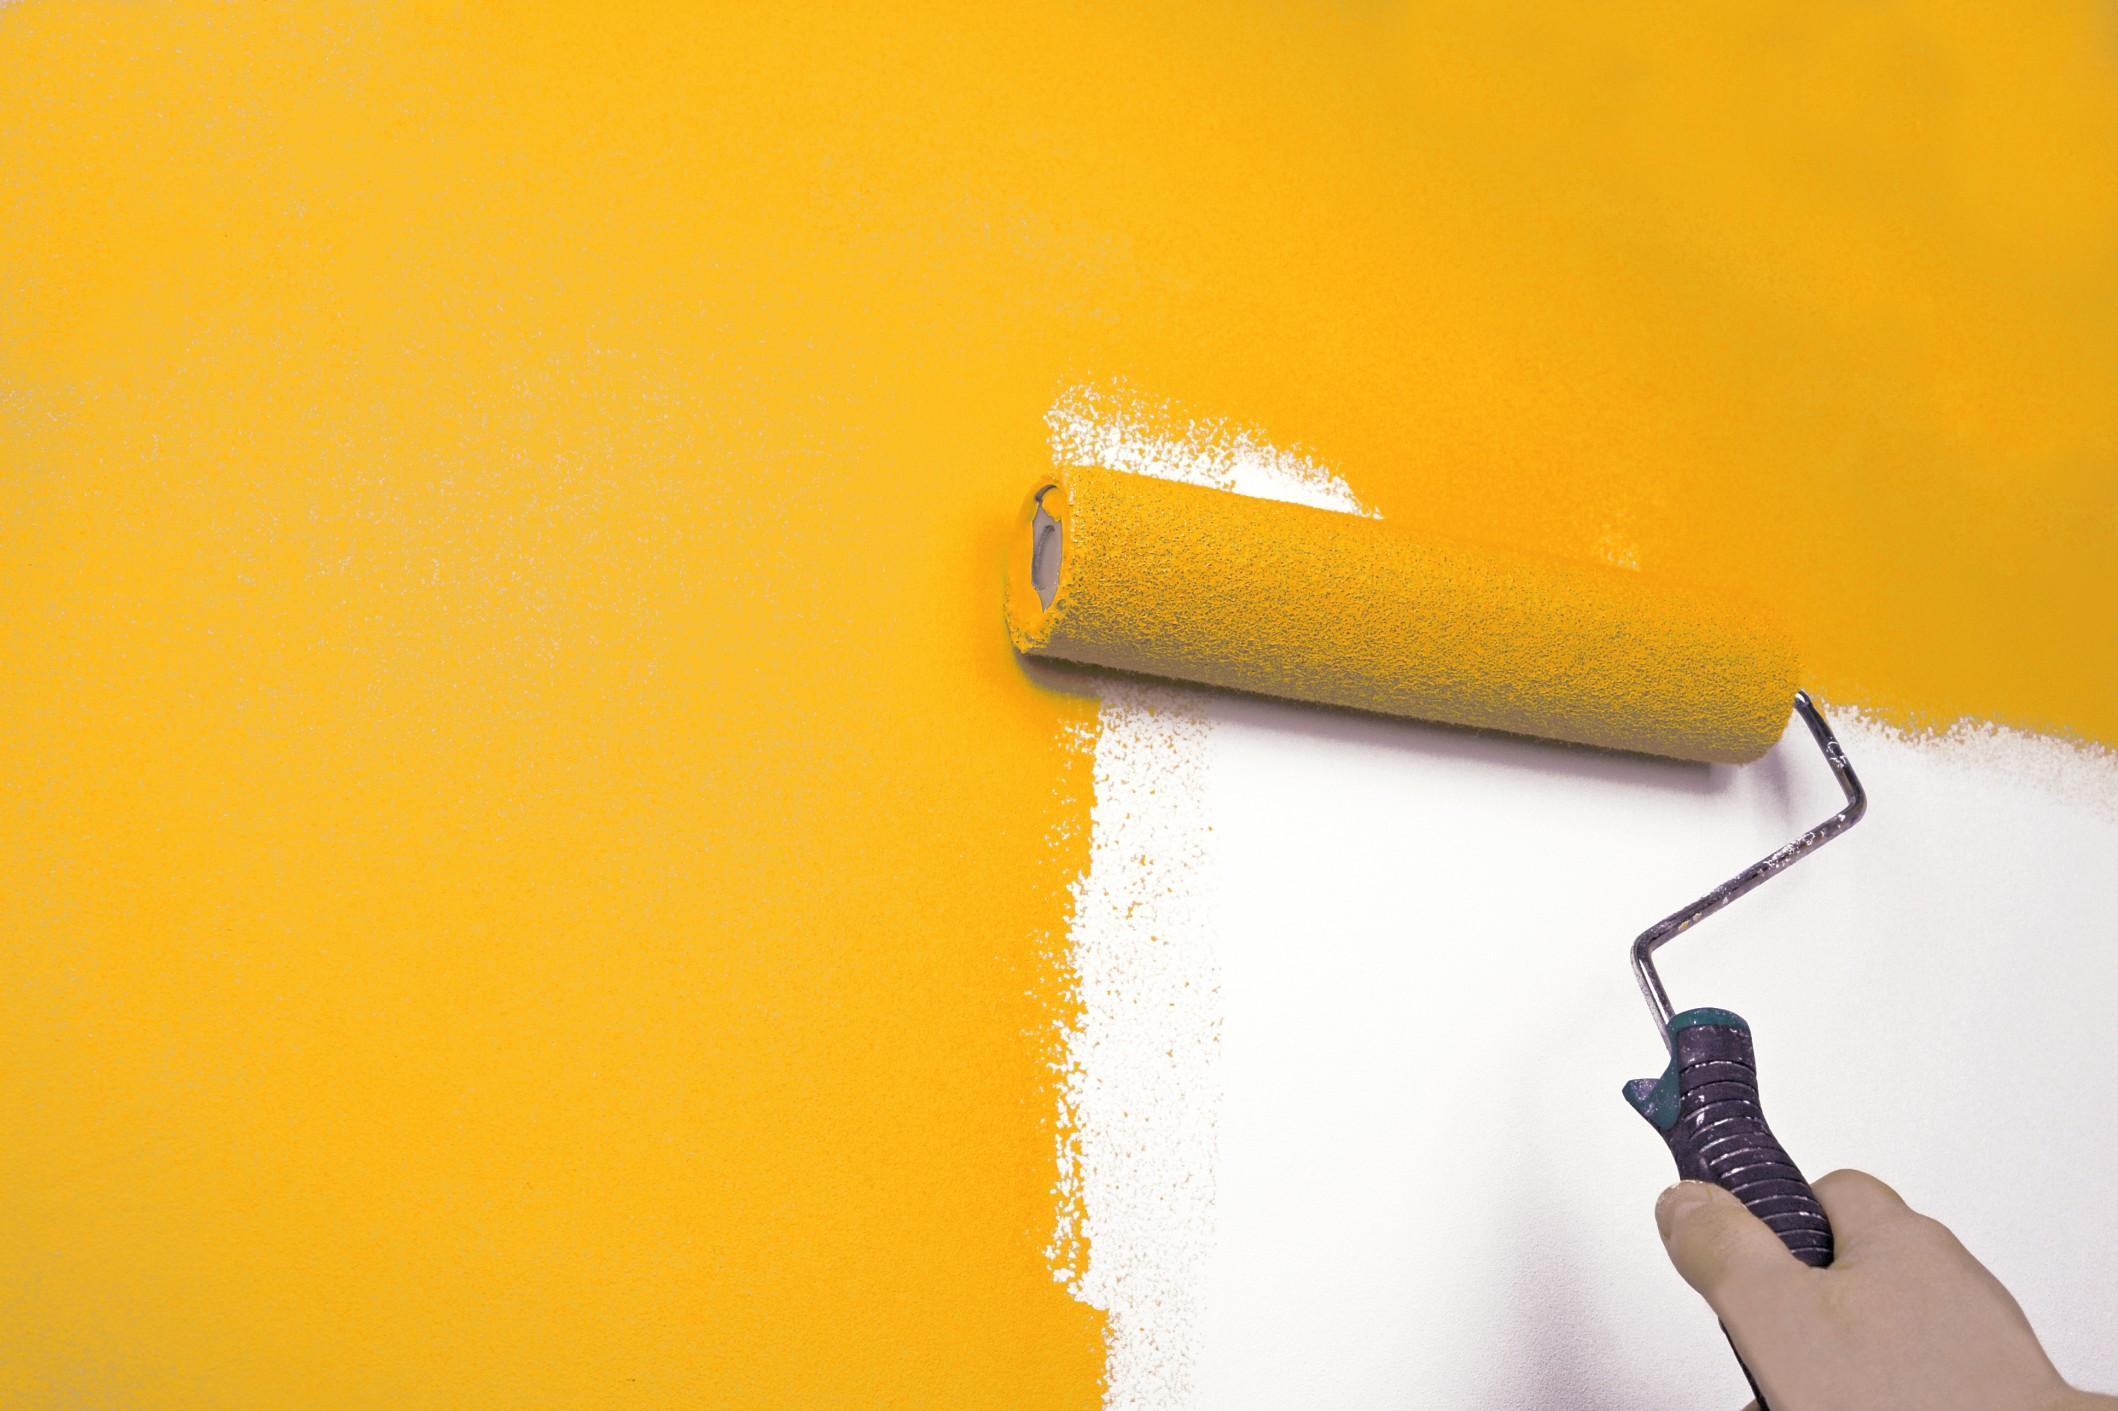 Pitture Termiche Per Interni.Vernici Termoisolanti Come Funzionano E Con Quali Risultati